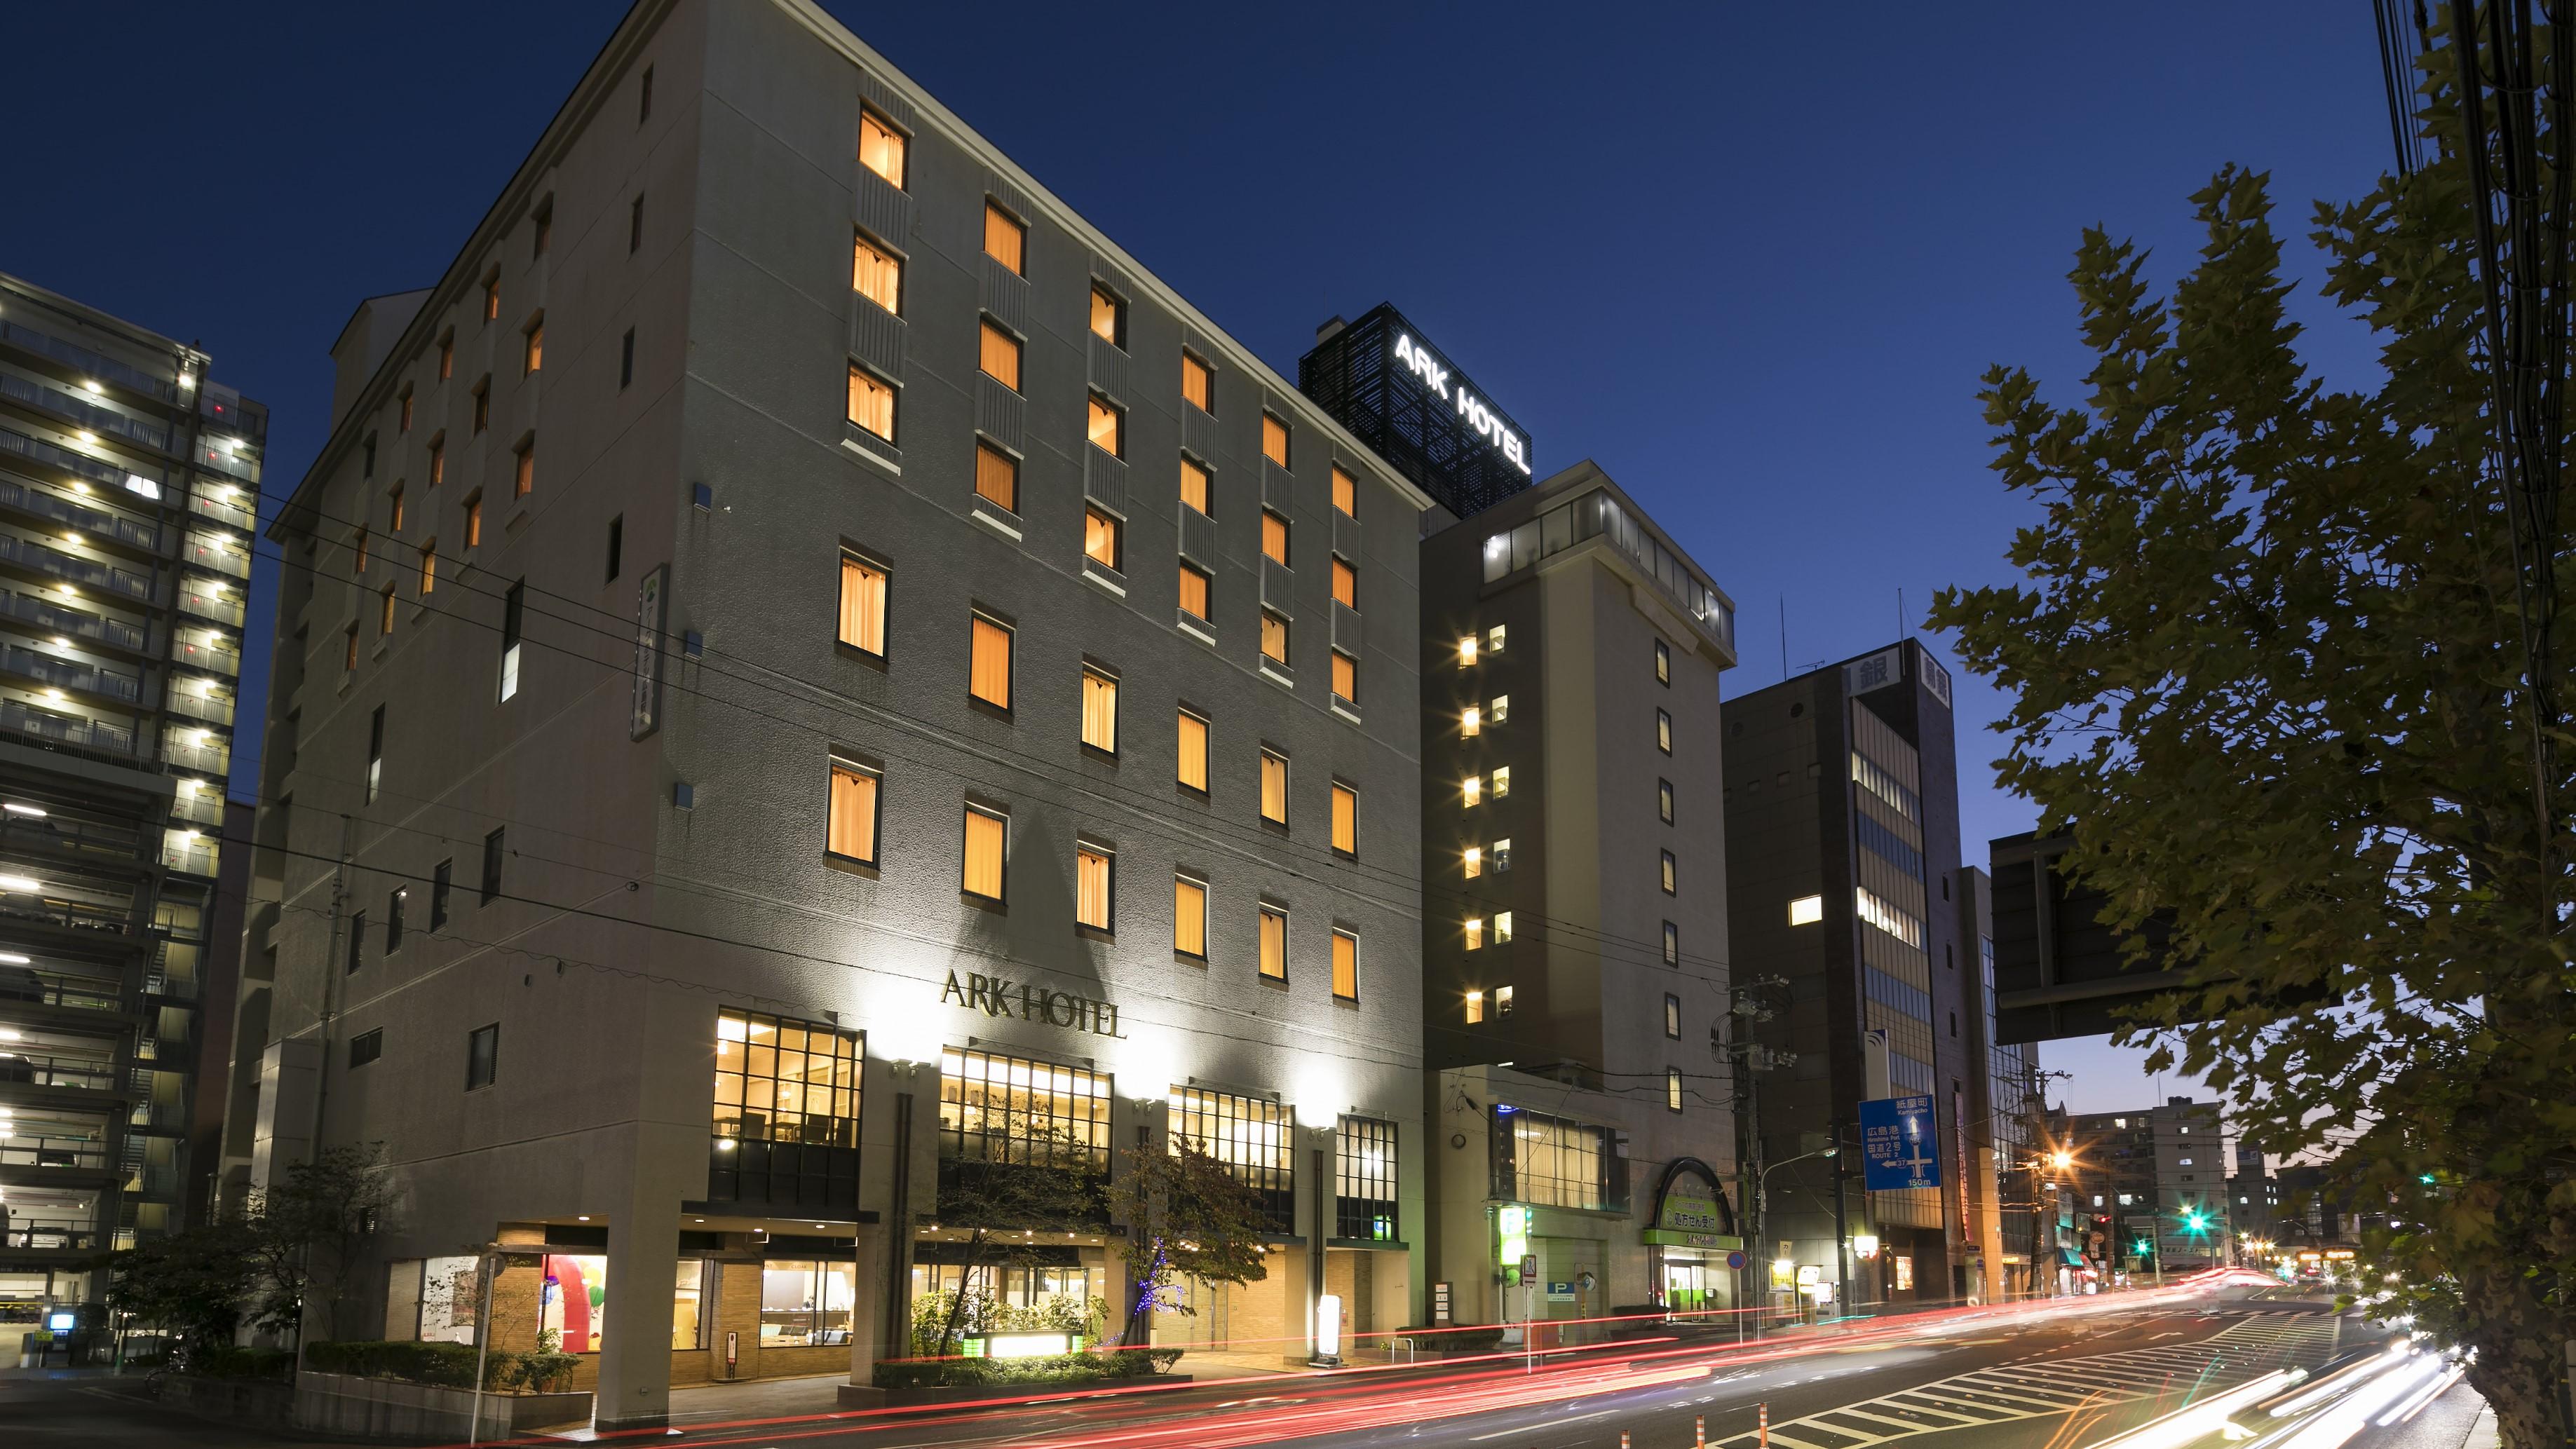 アーク ホテル 広島◆楽天トラベル